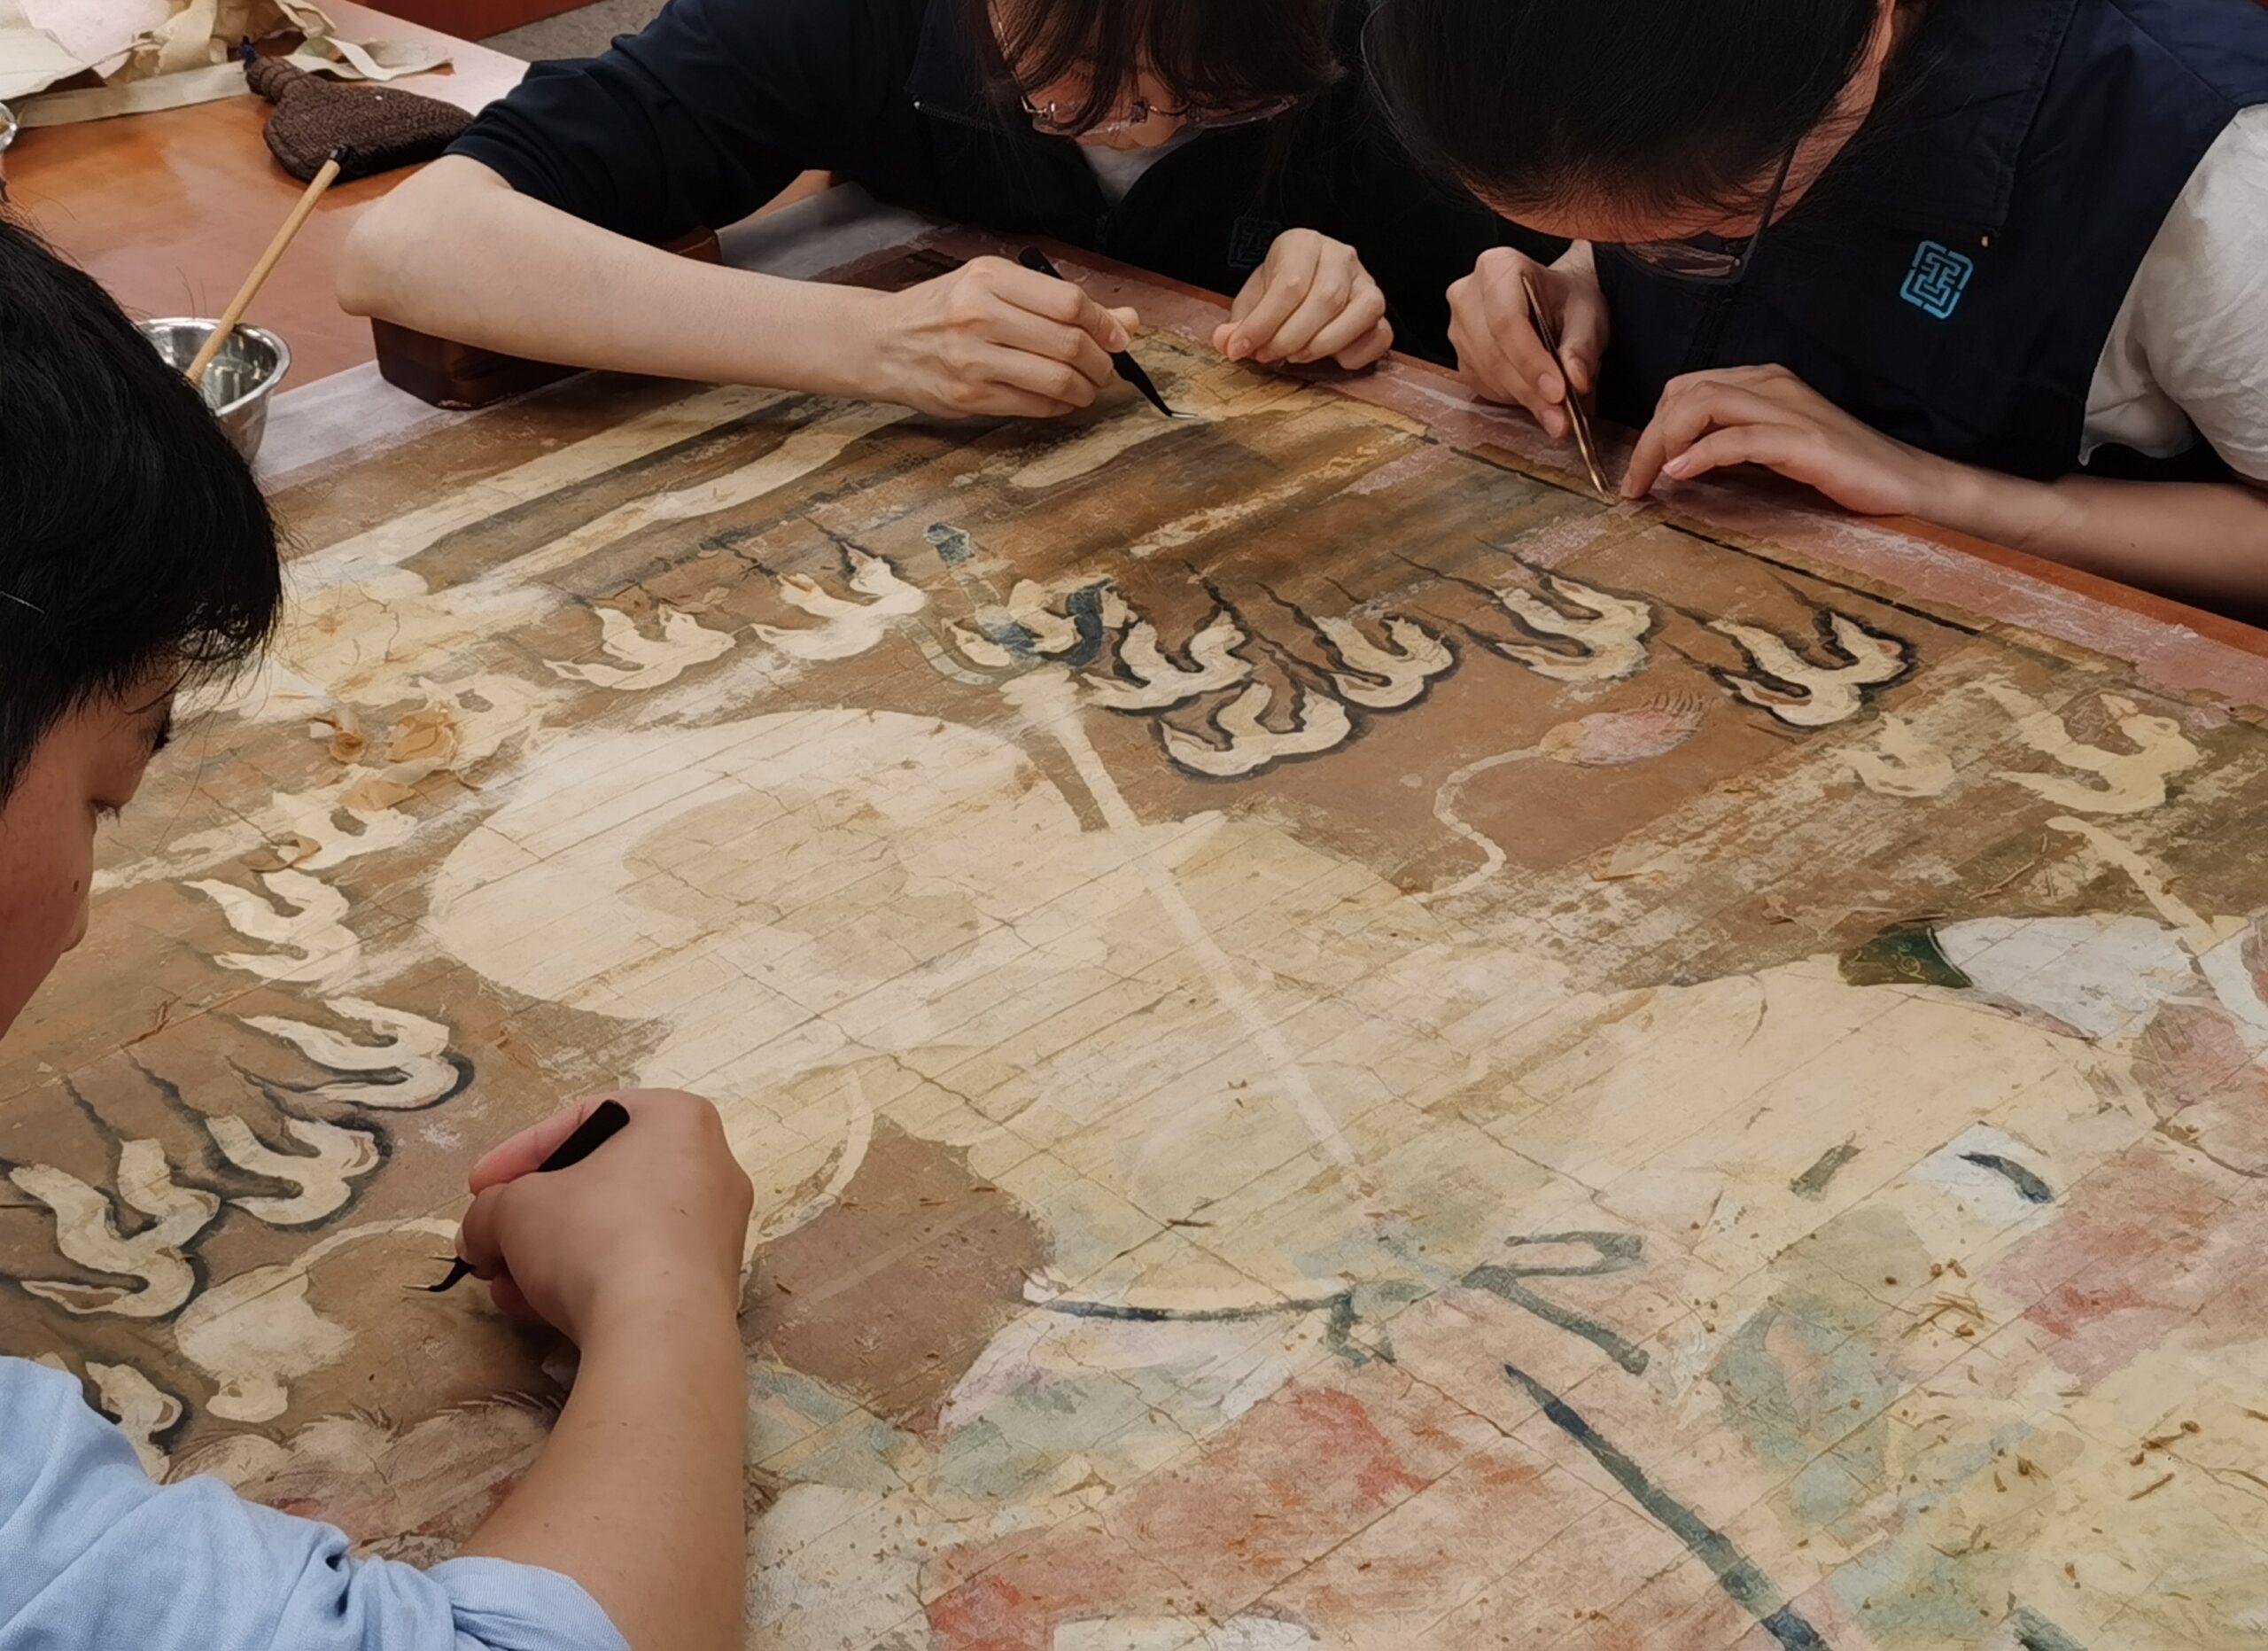 หอสมุดแห่งชาติจีนเดินหน้าบูรณะ 'หนังสือโบราณ'